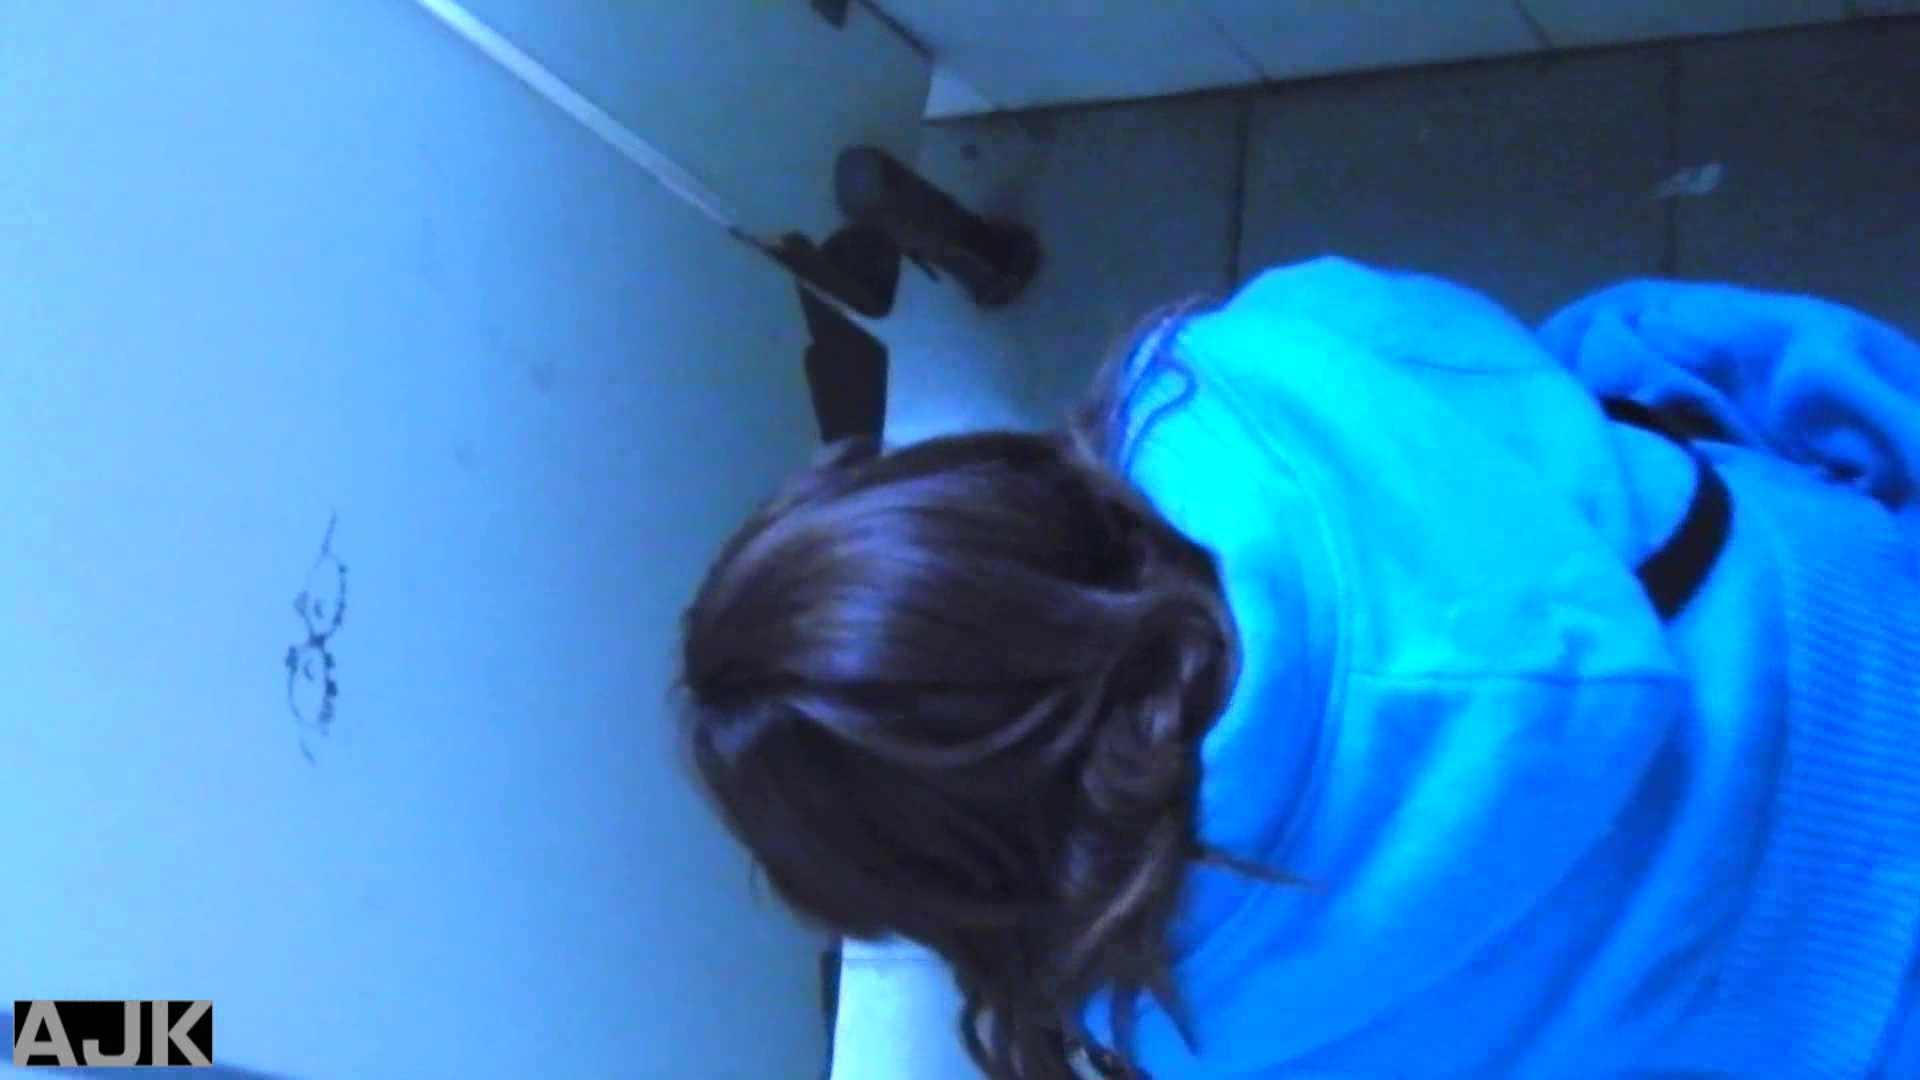 隣国上階級エリアの令嬢たちが集うデパートお手洗い Vol.12 洗面所   お嬢様  110画像 37